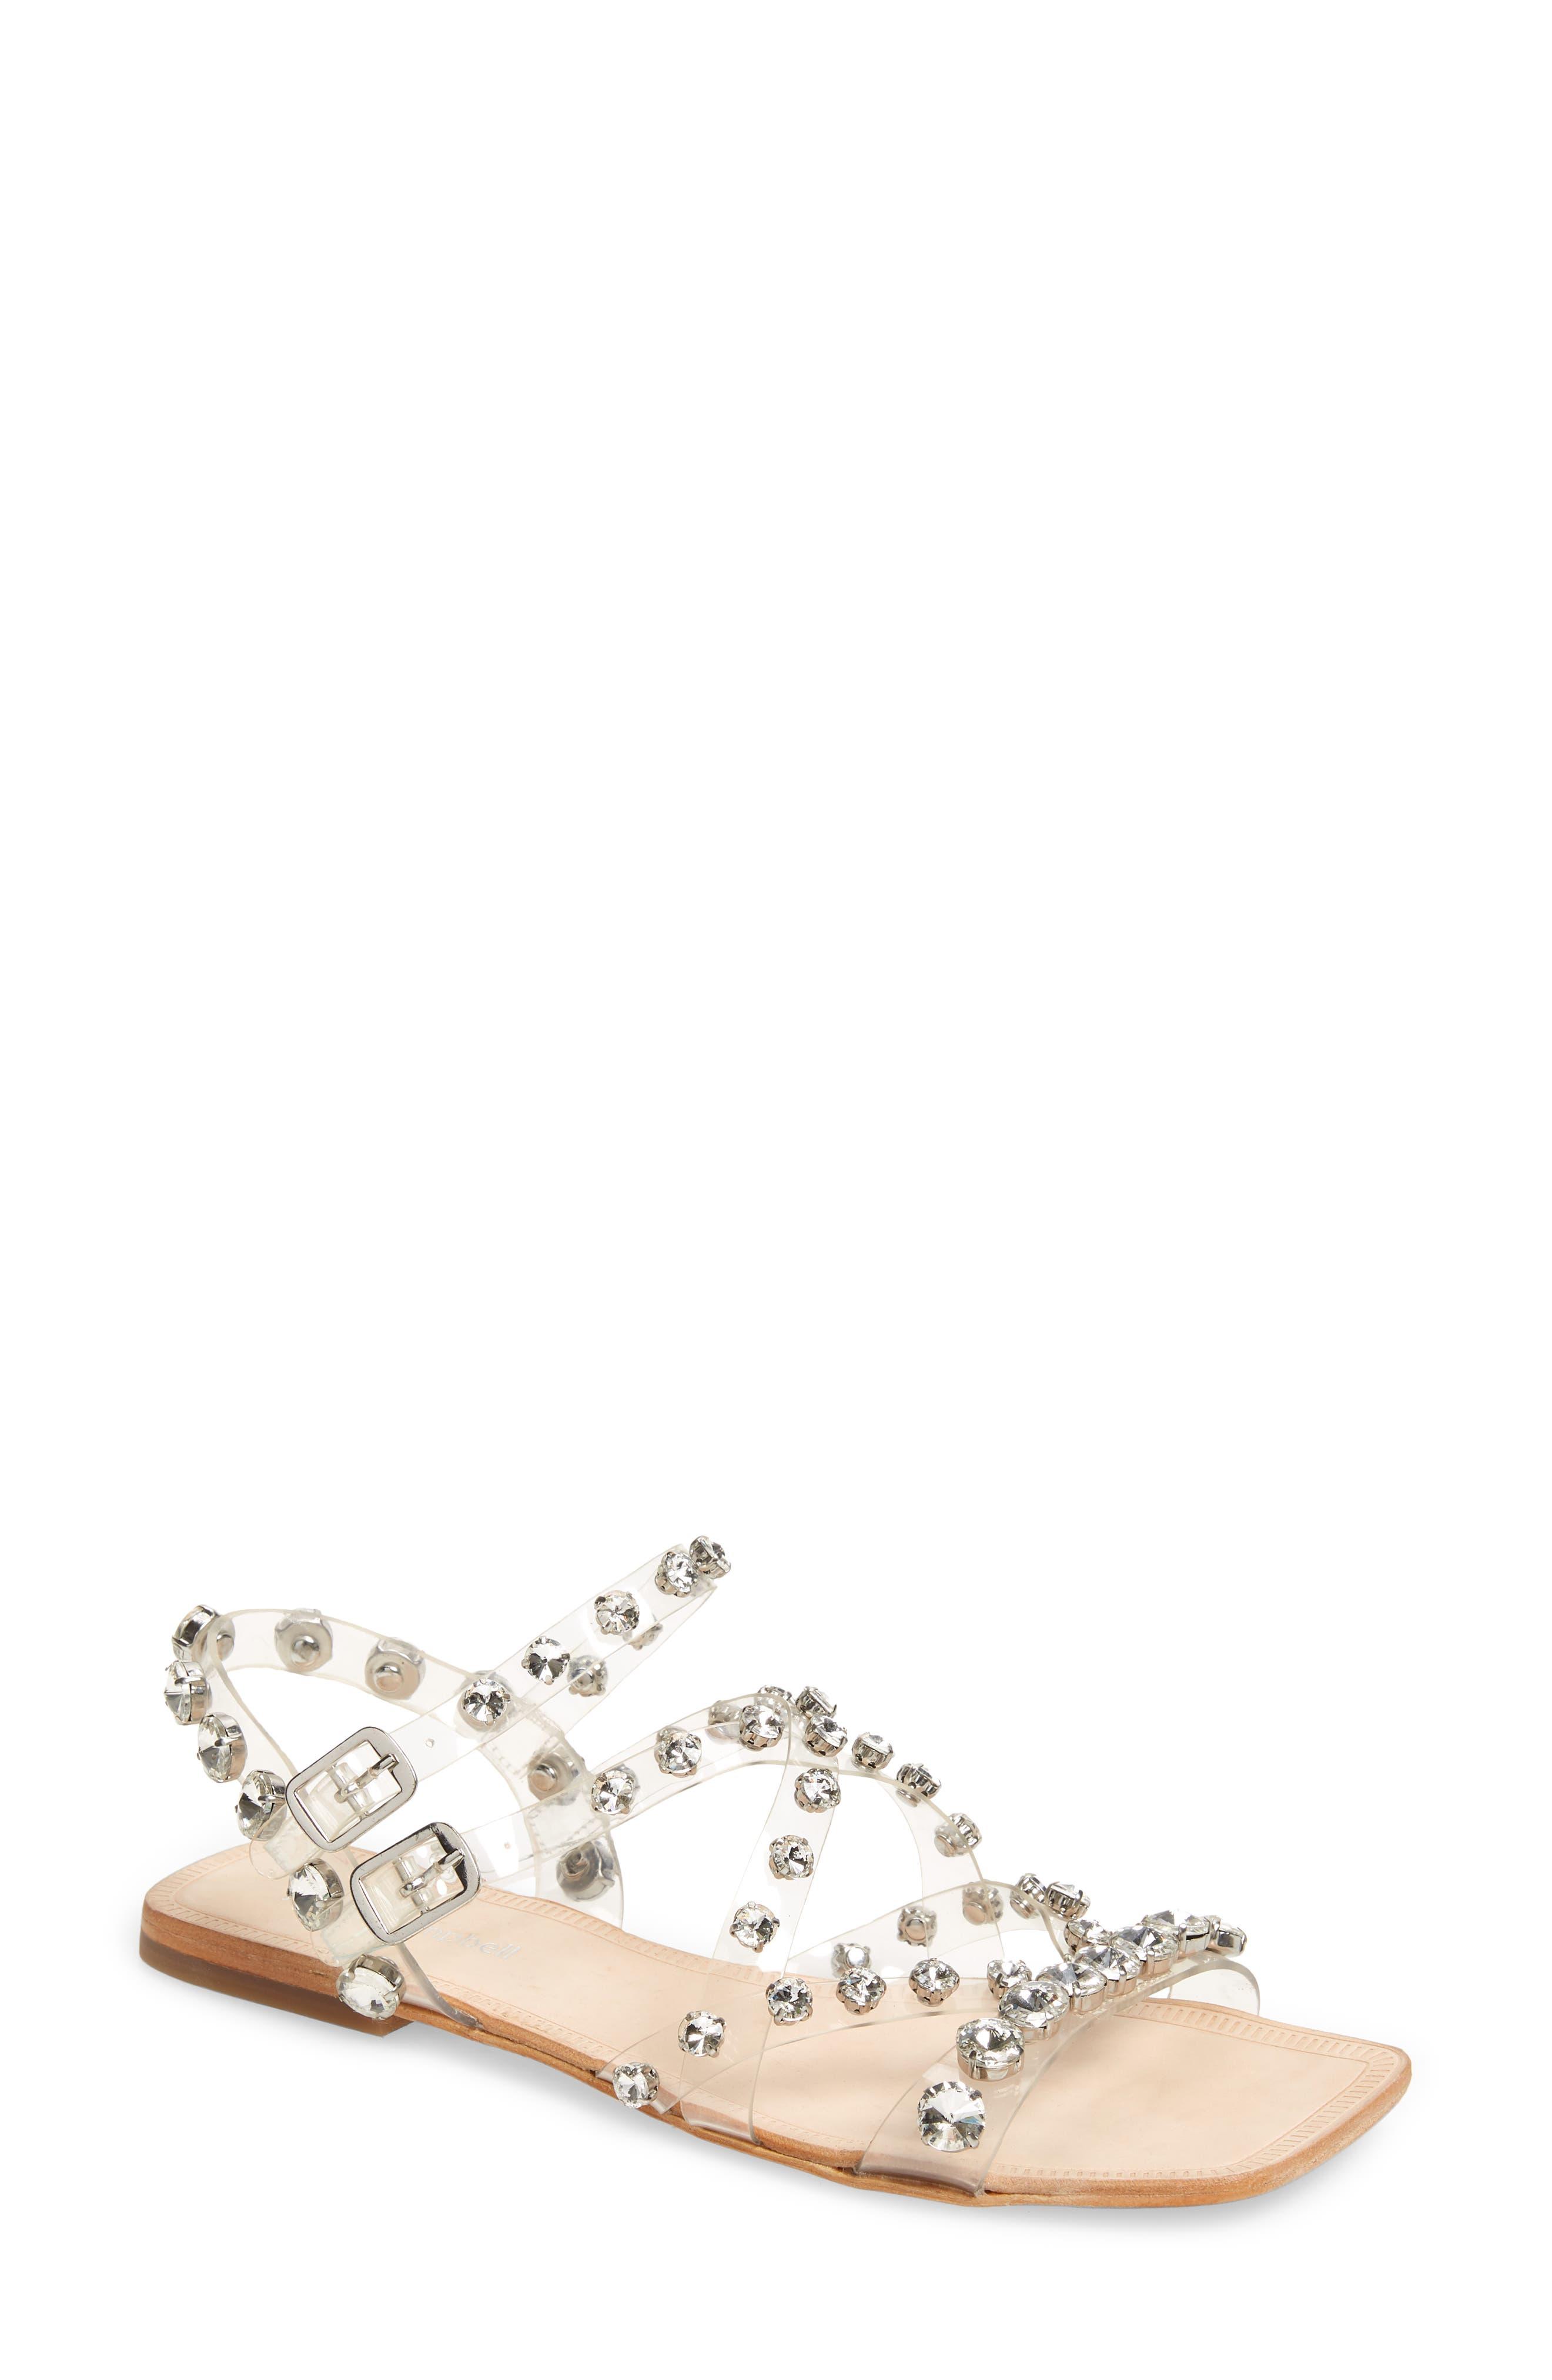 Calath-Jv Crystal Embellished Strappy Sandal